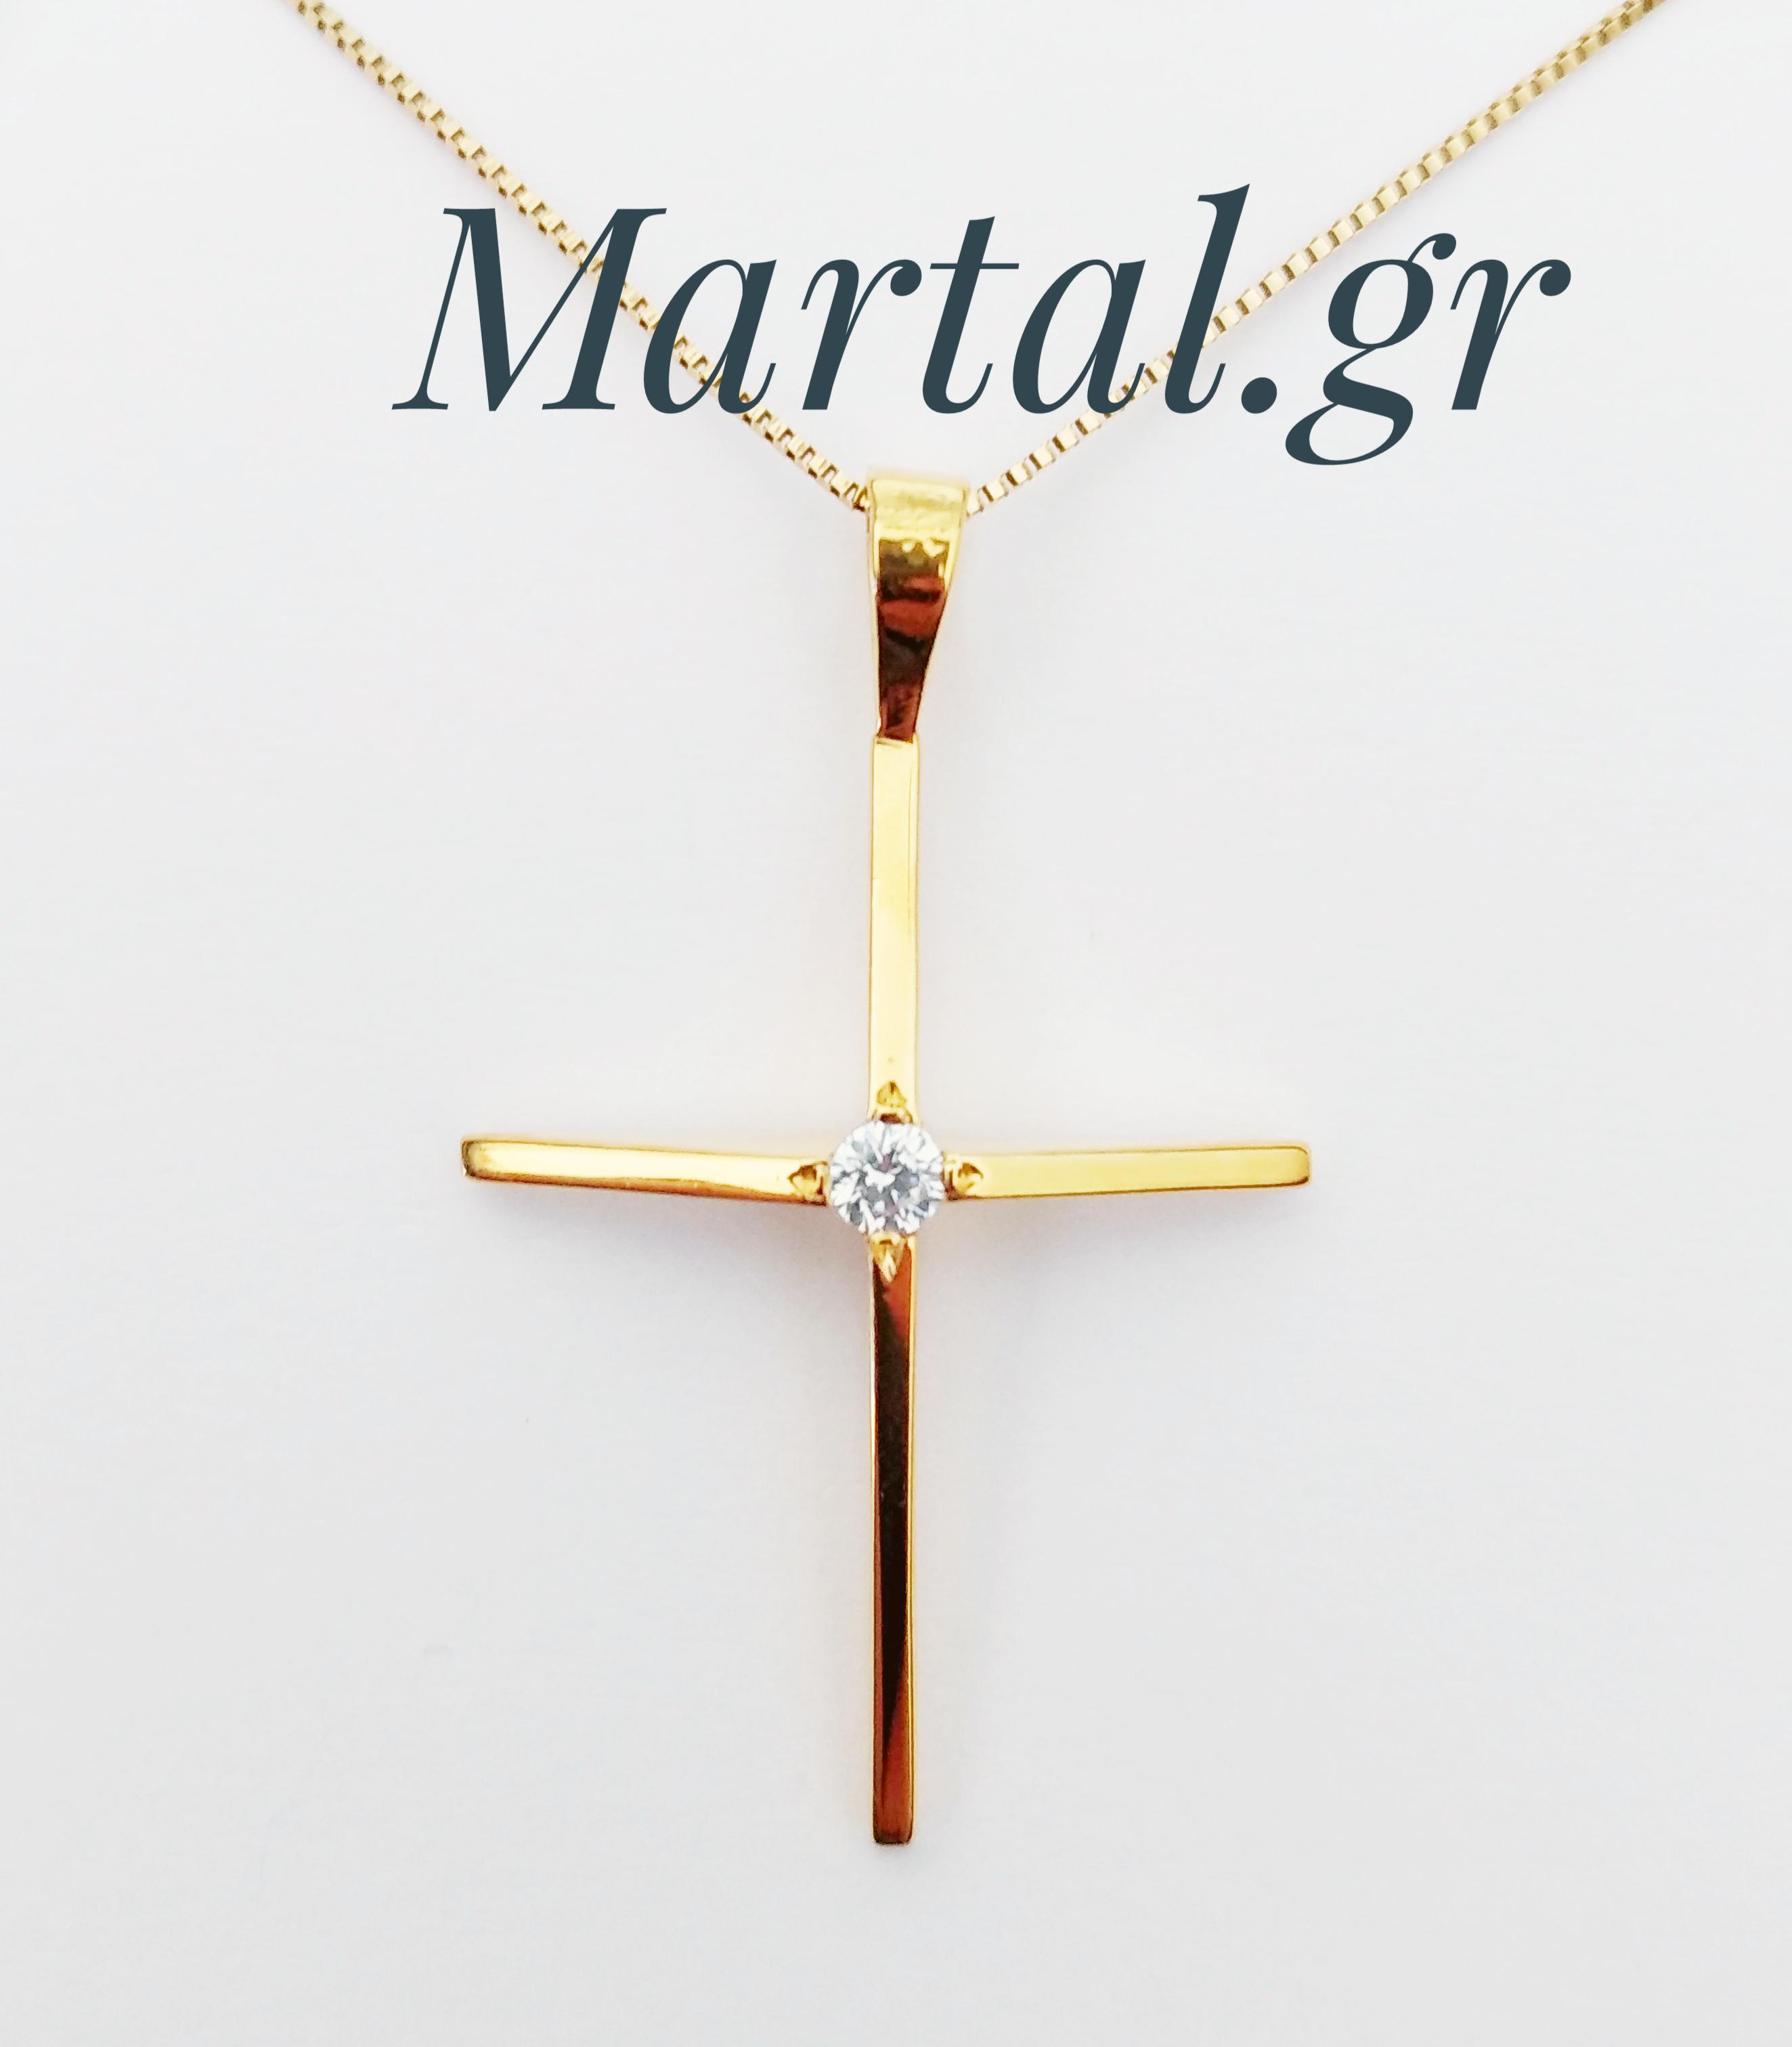 Σταυρός χρυσός 14Κ με κεντρικό ολόλευκο ζιργκόν - Martal.gr 80adcc42acc